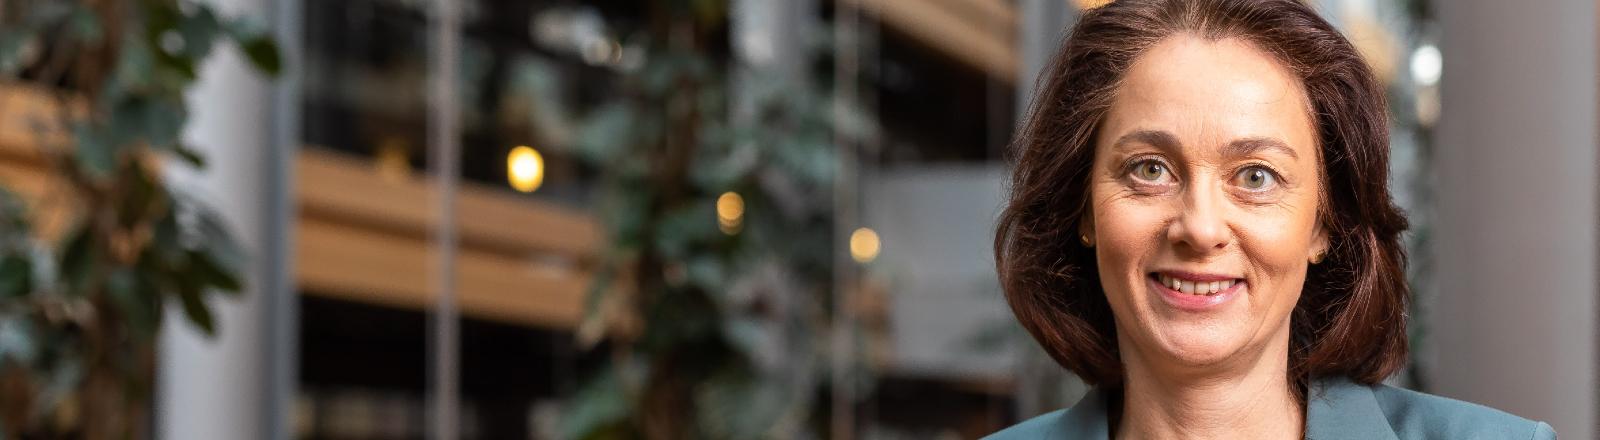 Die Europaabgeordnete Katarina Barley (SPD), Mitglied der Fraktion der Progressiven Allianz der Sozialdemokraten, steht im Gebäude des Europäischen Parlaments.